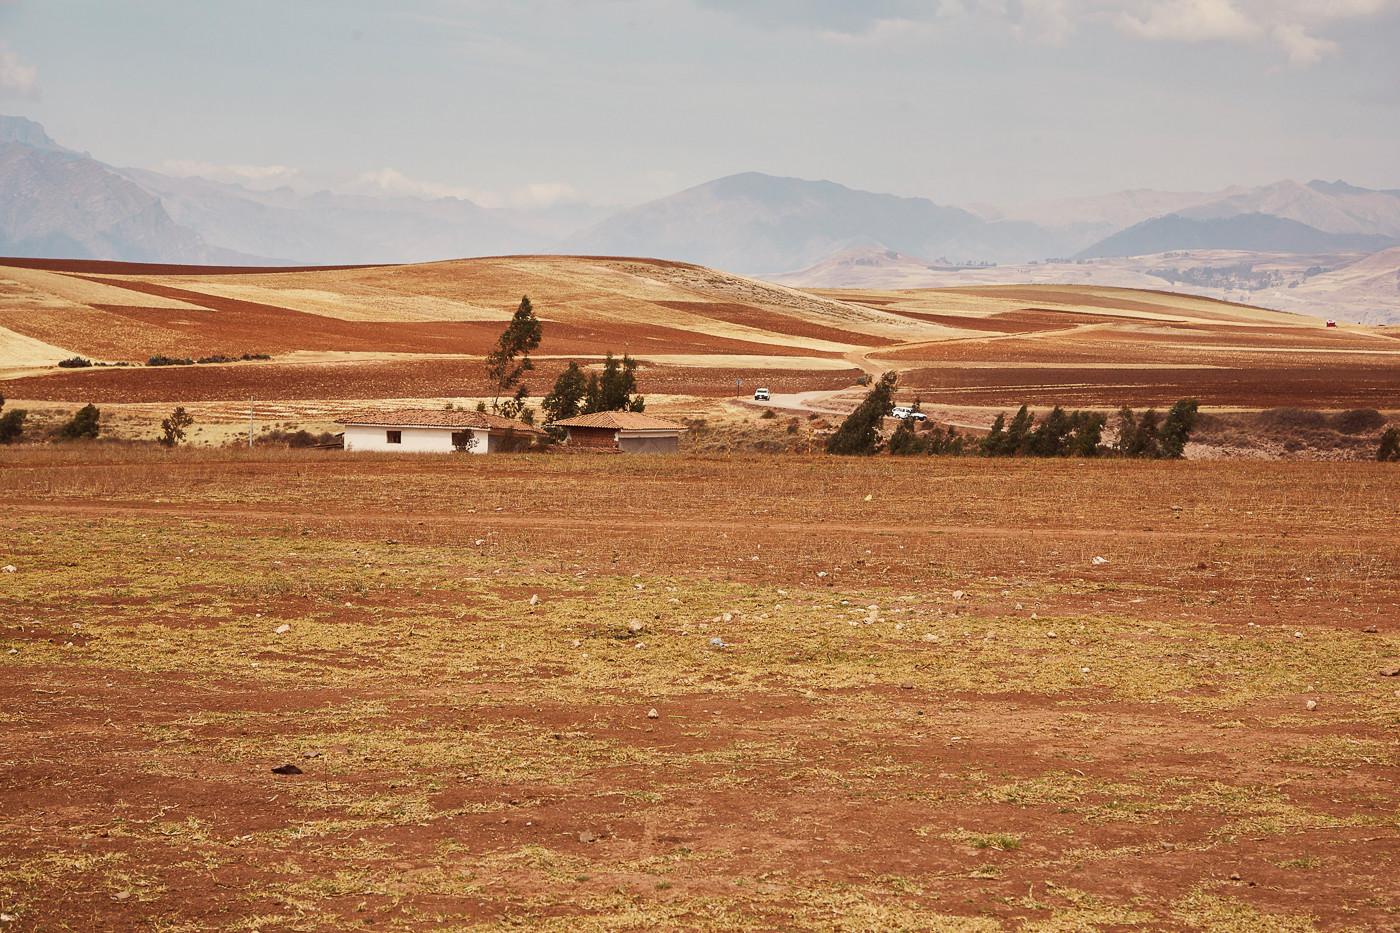 Das Heilige Tal der Inka abseits der Sehenswürdigkeiten. Fantastische Landschaften und wunderschöne Farben